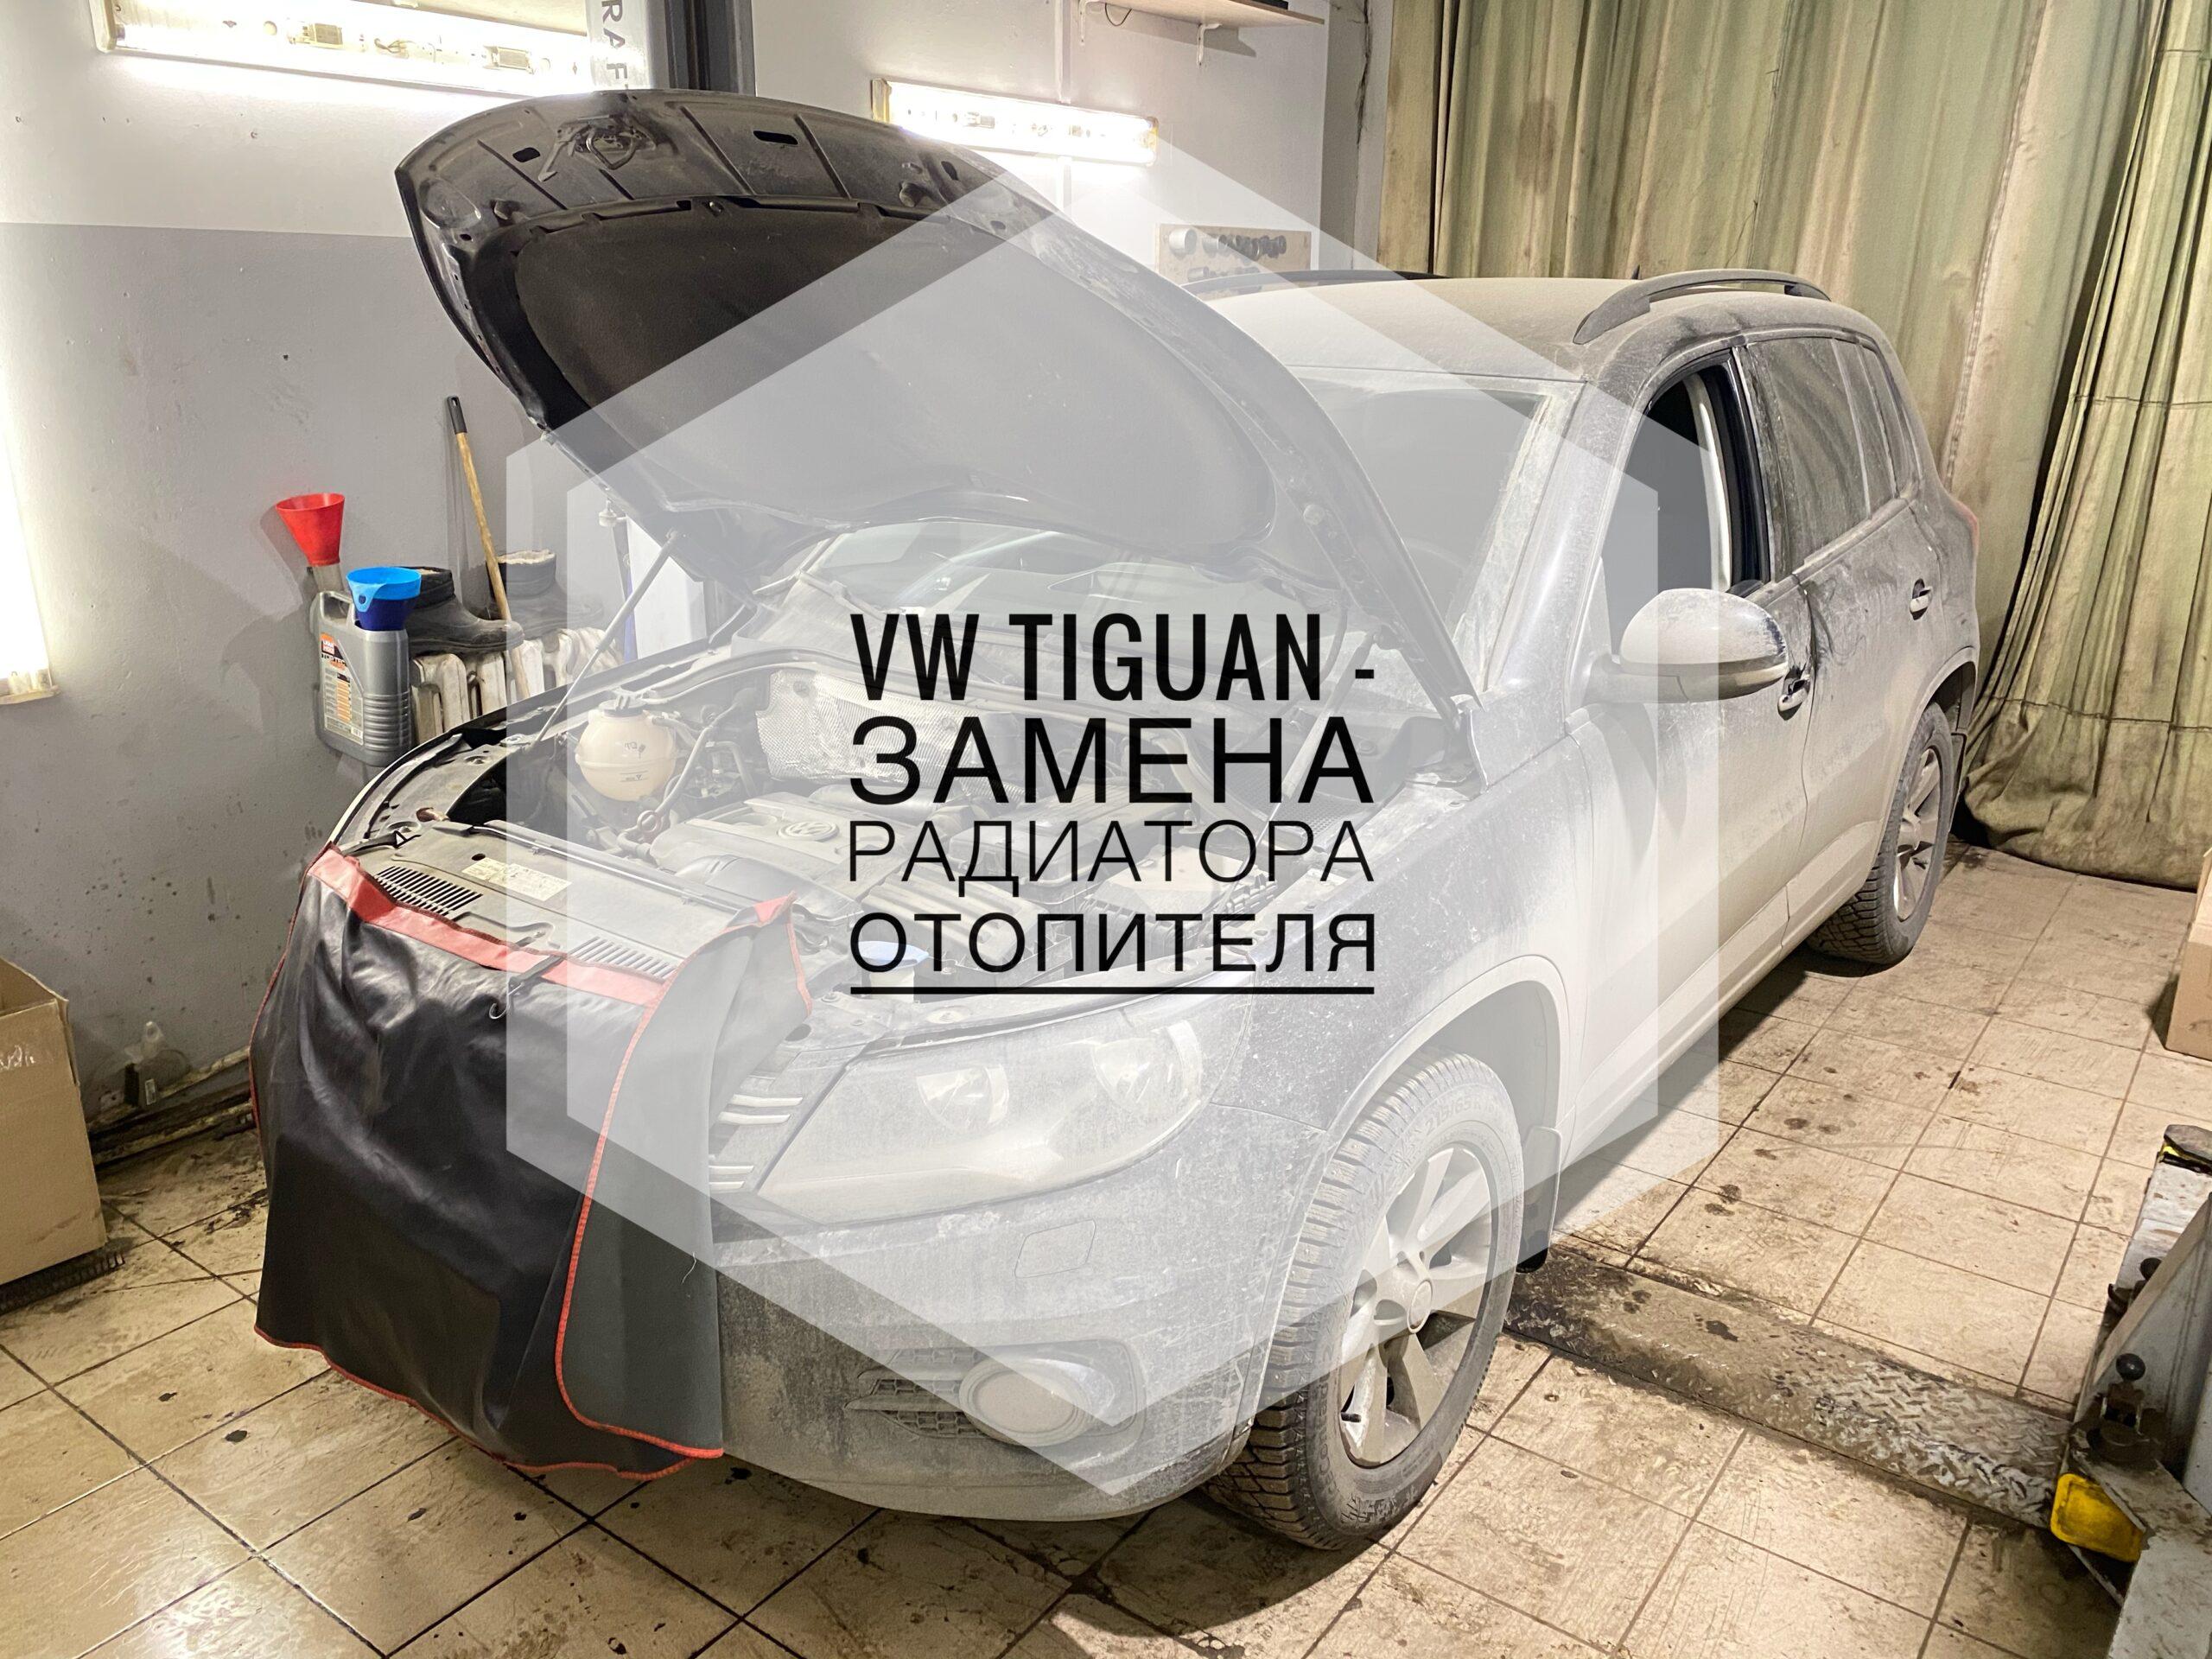 Volkswagen Tiguan 2.0 TSI — печка дует справа холодным, замена радиатора отопителя